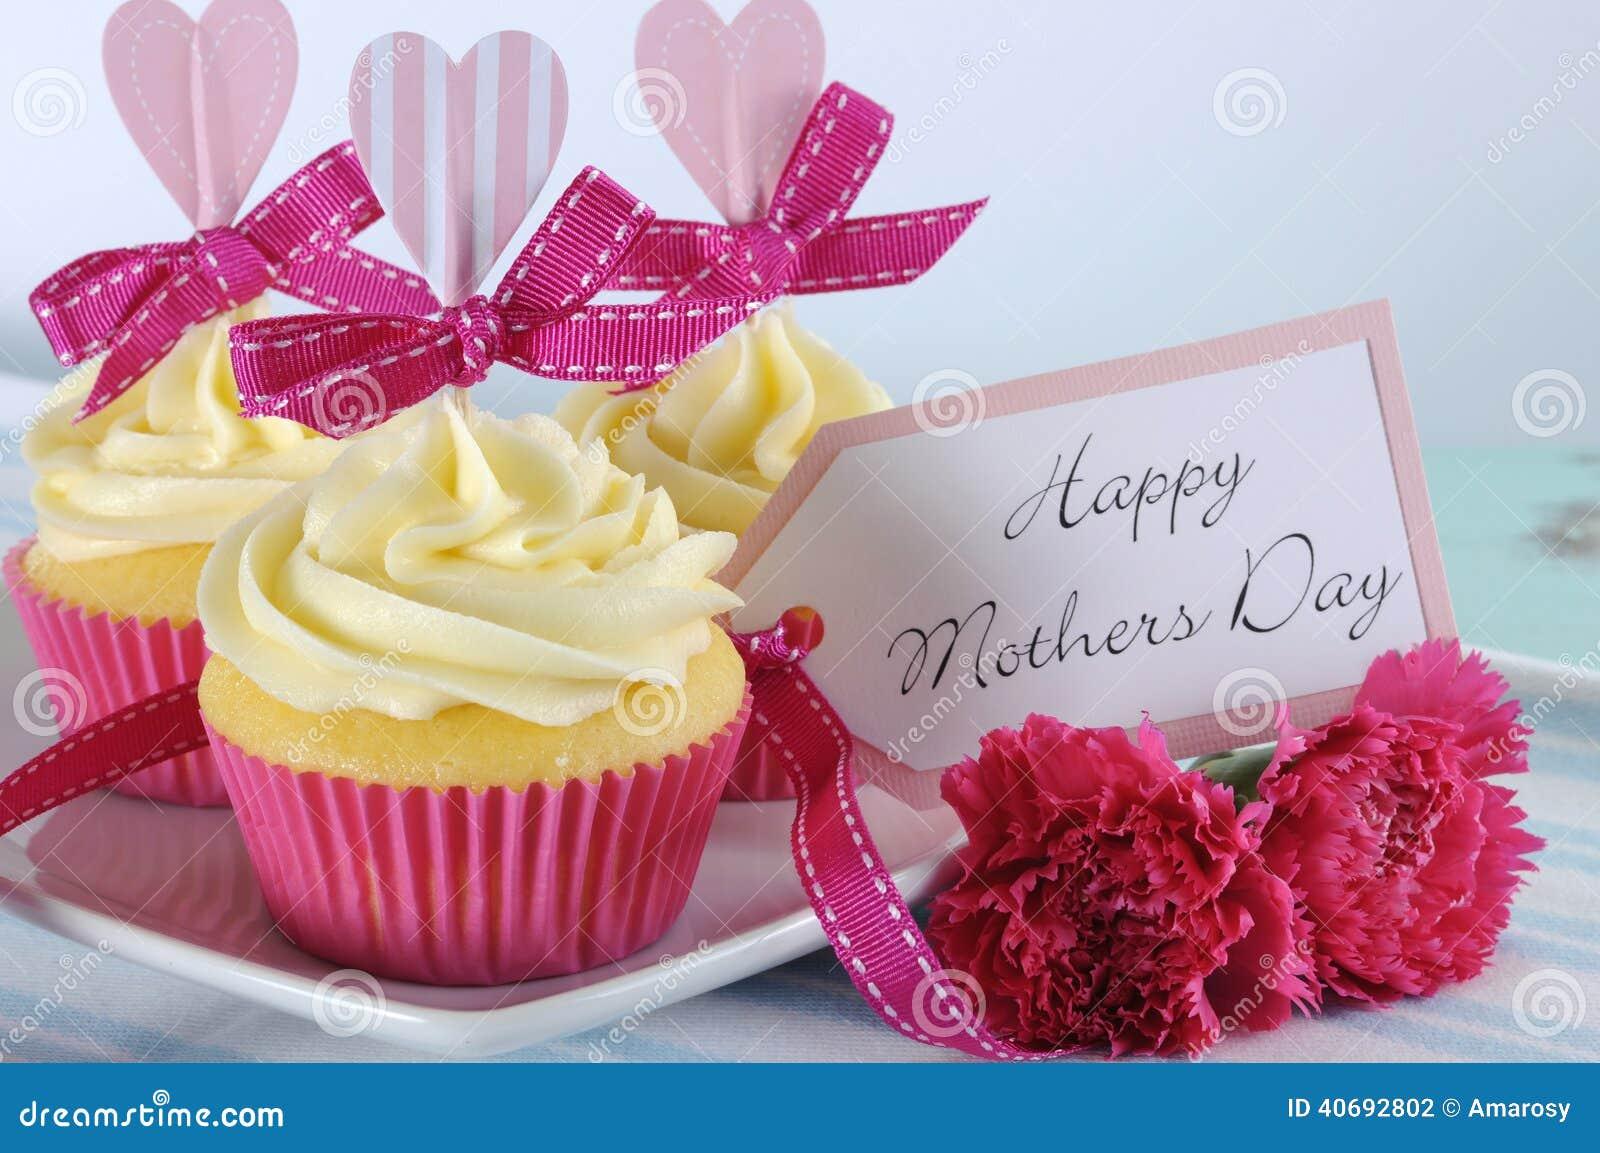 Feliz Dia De Las Madres Download Cake Topper